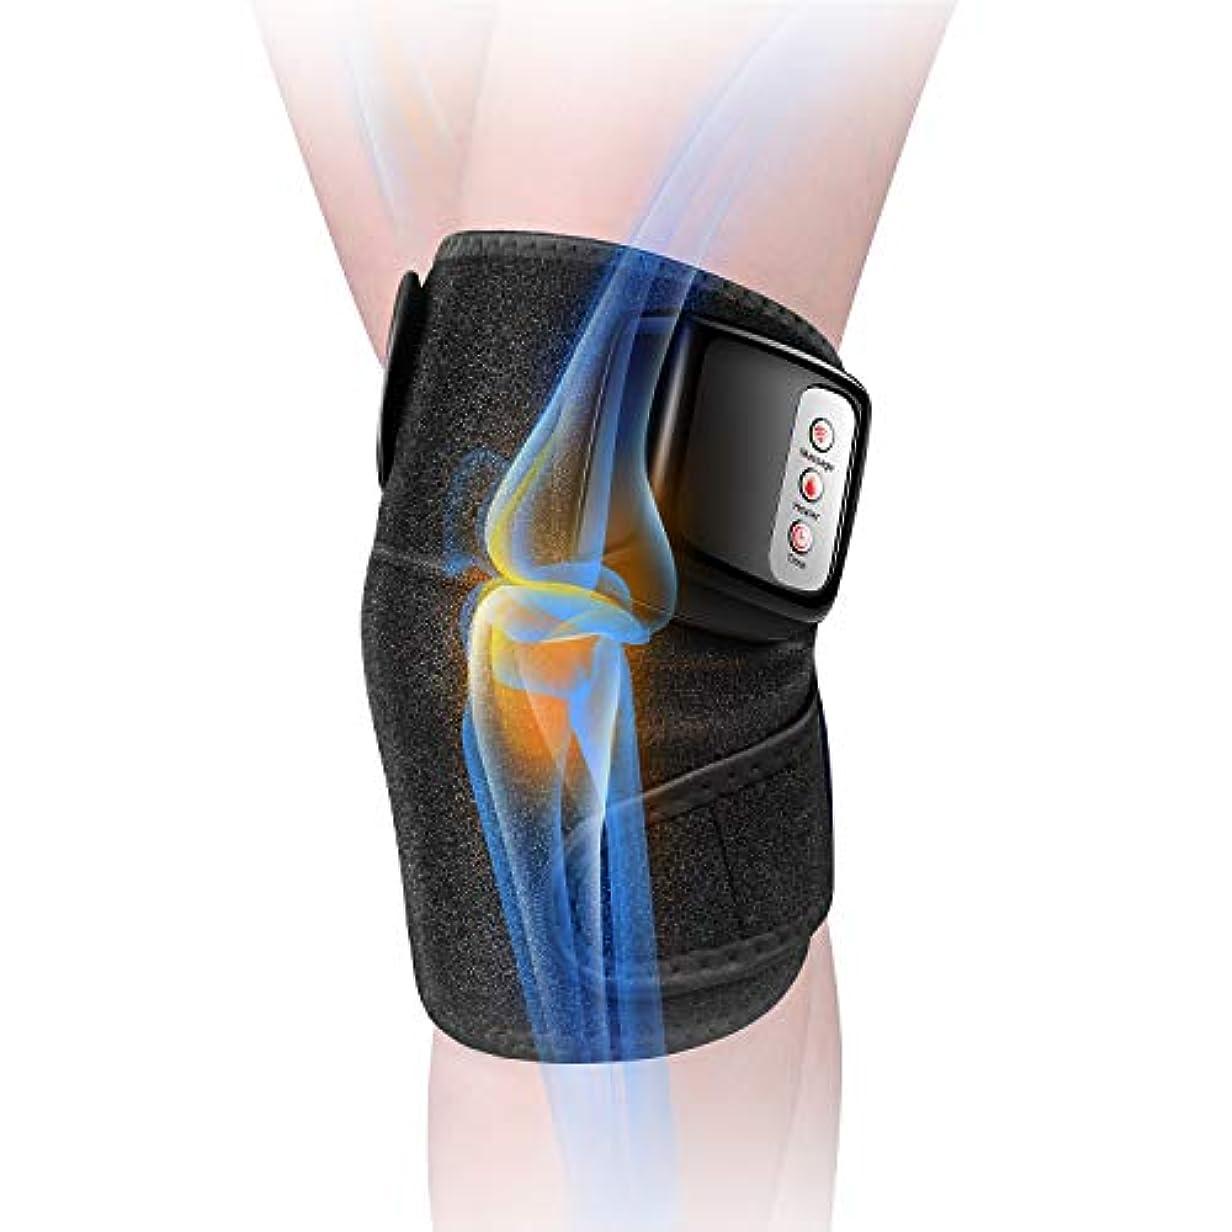 グラフプレゼン先例膝マッサージャー 関節マッサージャー マッサージ器 フットマッサージャー 振動 赤外線療法 温熱療法 膝サポーター ストレス解消 肩 太もも/腕対応